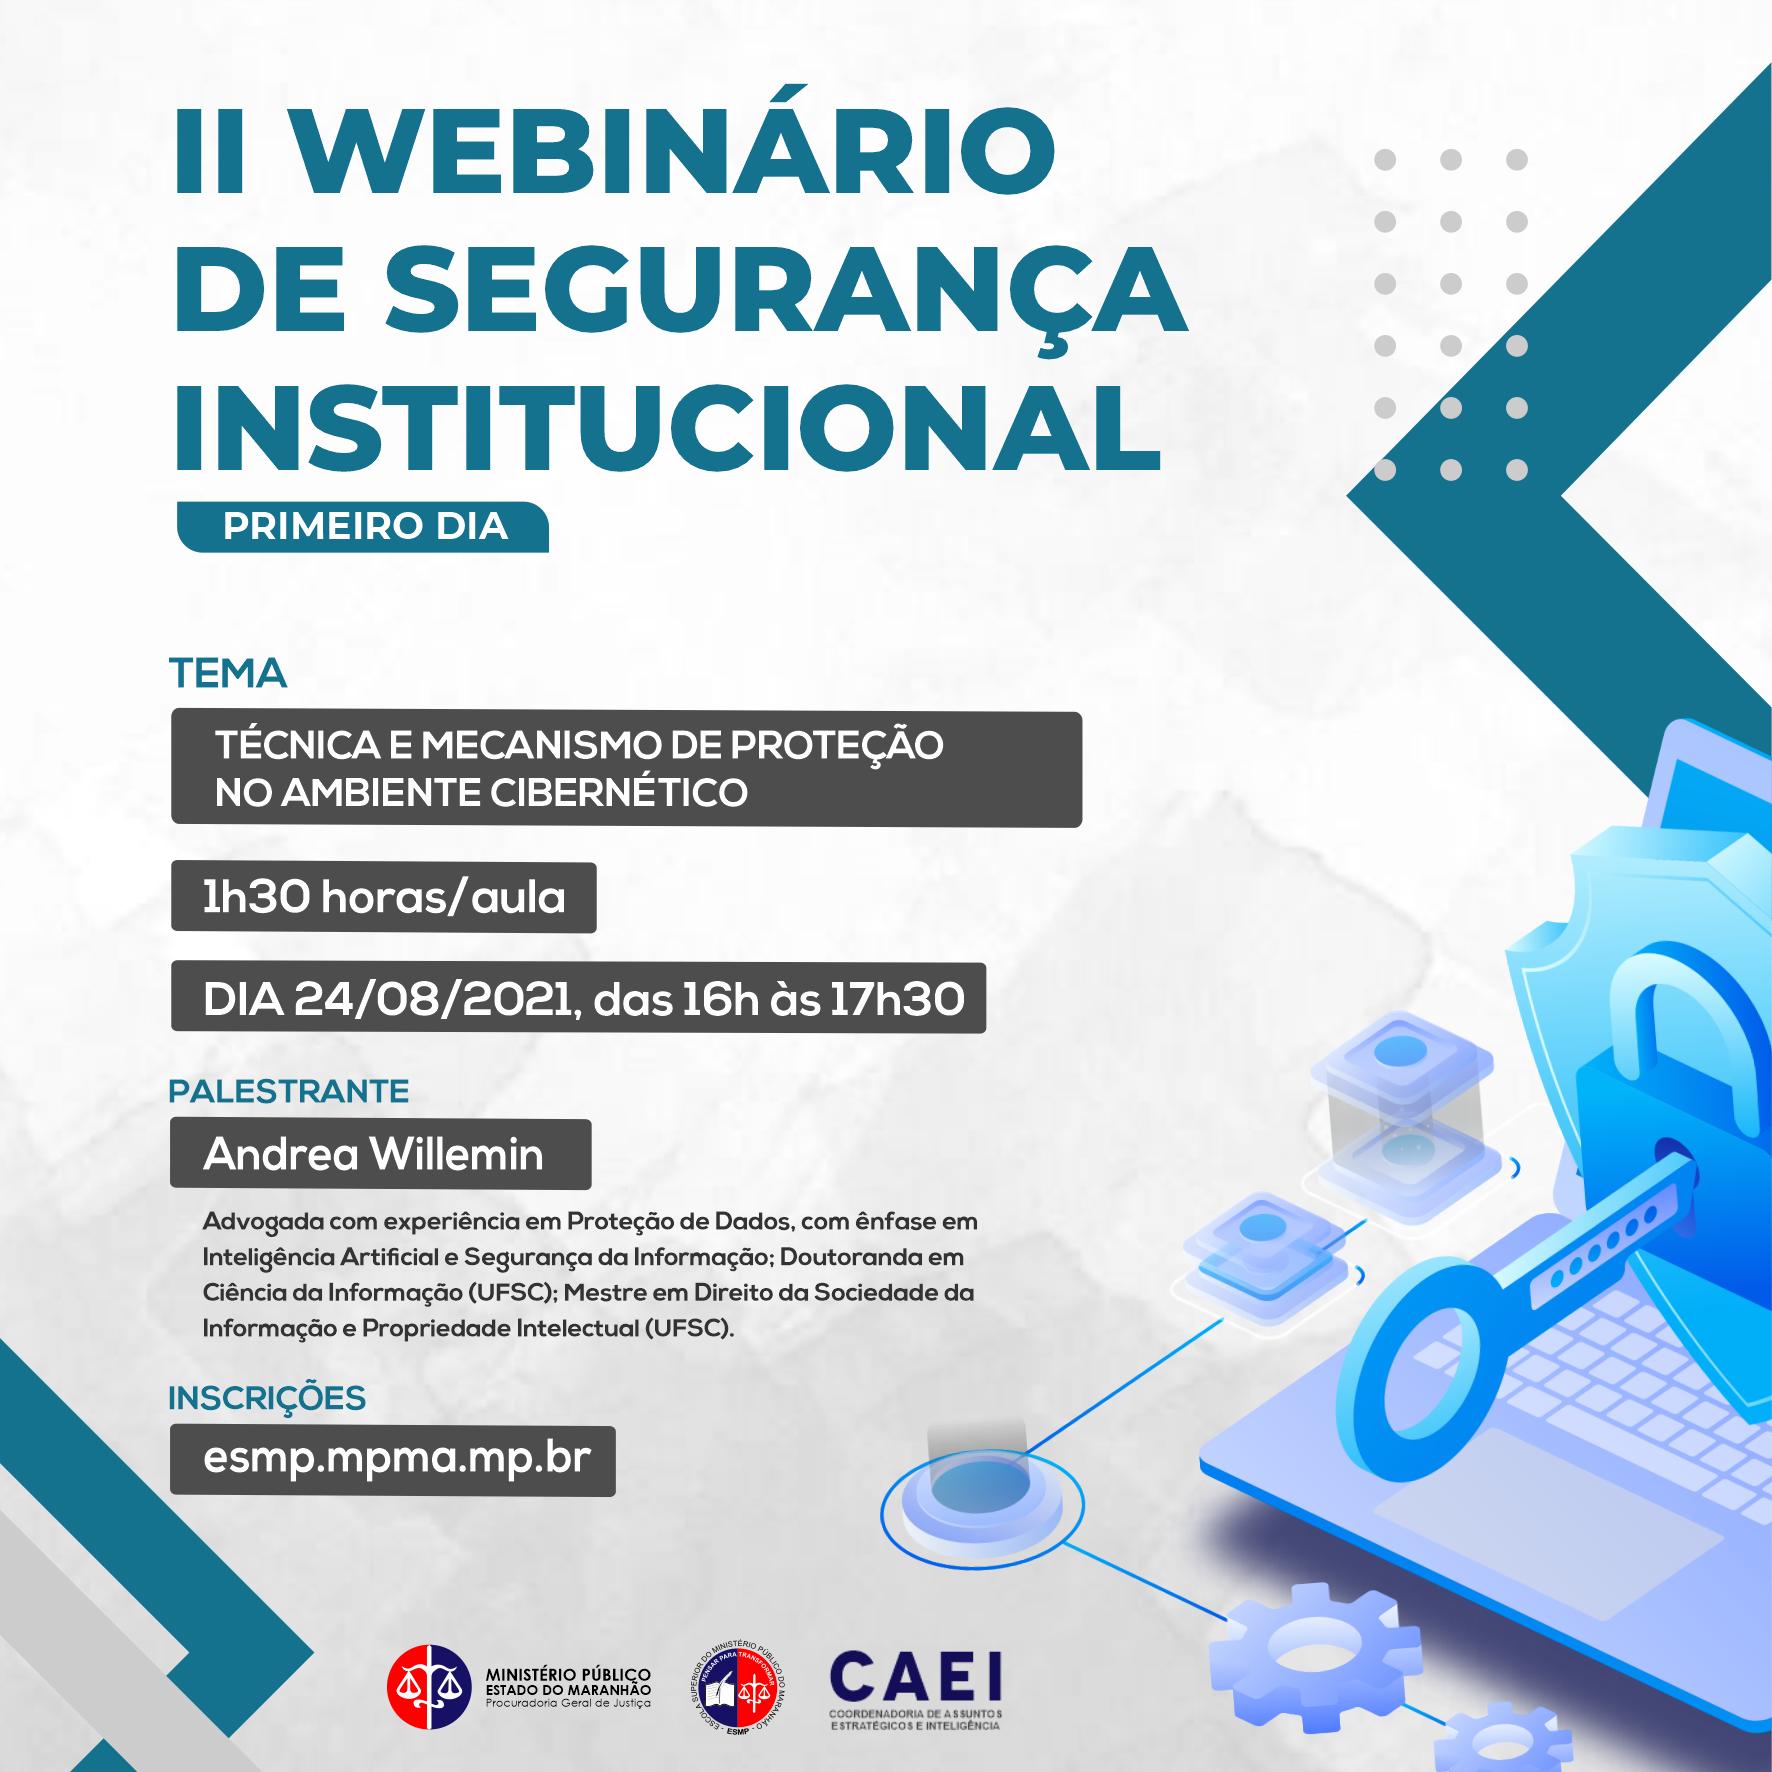 II WEBINÁRIO DE SEGURANÇA INSTITUCIONAL DO MPMA - Técnica e Mecanismo de Proteção no Ambiente Cibernético